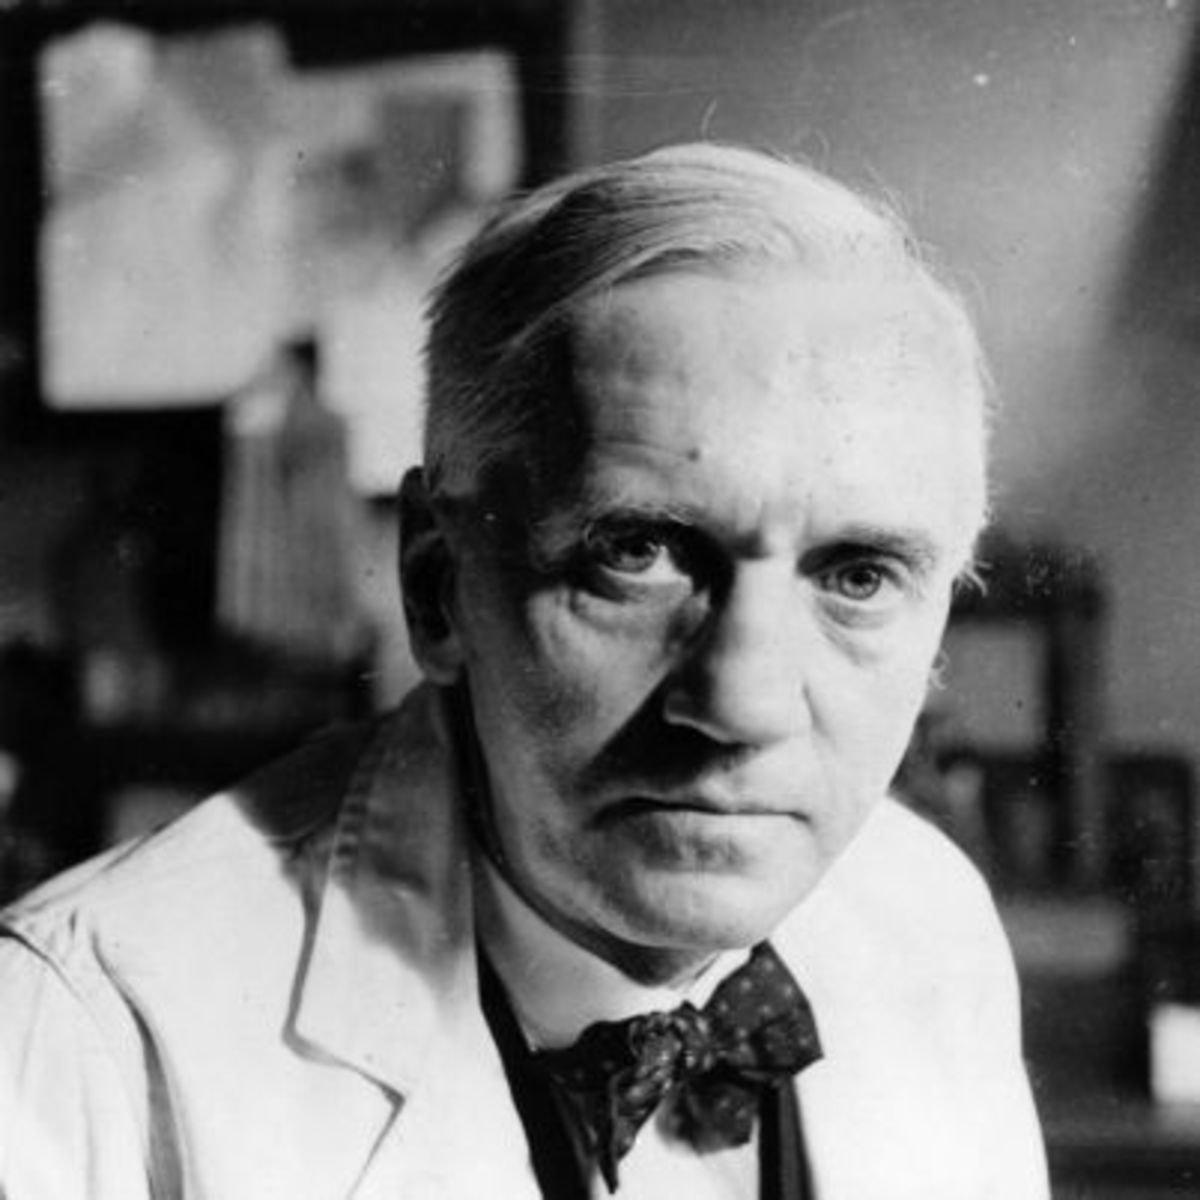 6 de Agosto - Alexander Fleming, cientista e médico bacteriologista britânico, descobridor da penicilina.jpg (Moderado)